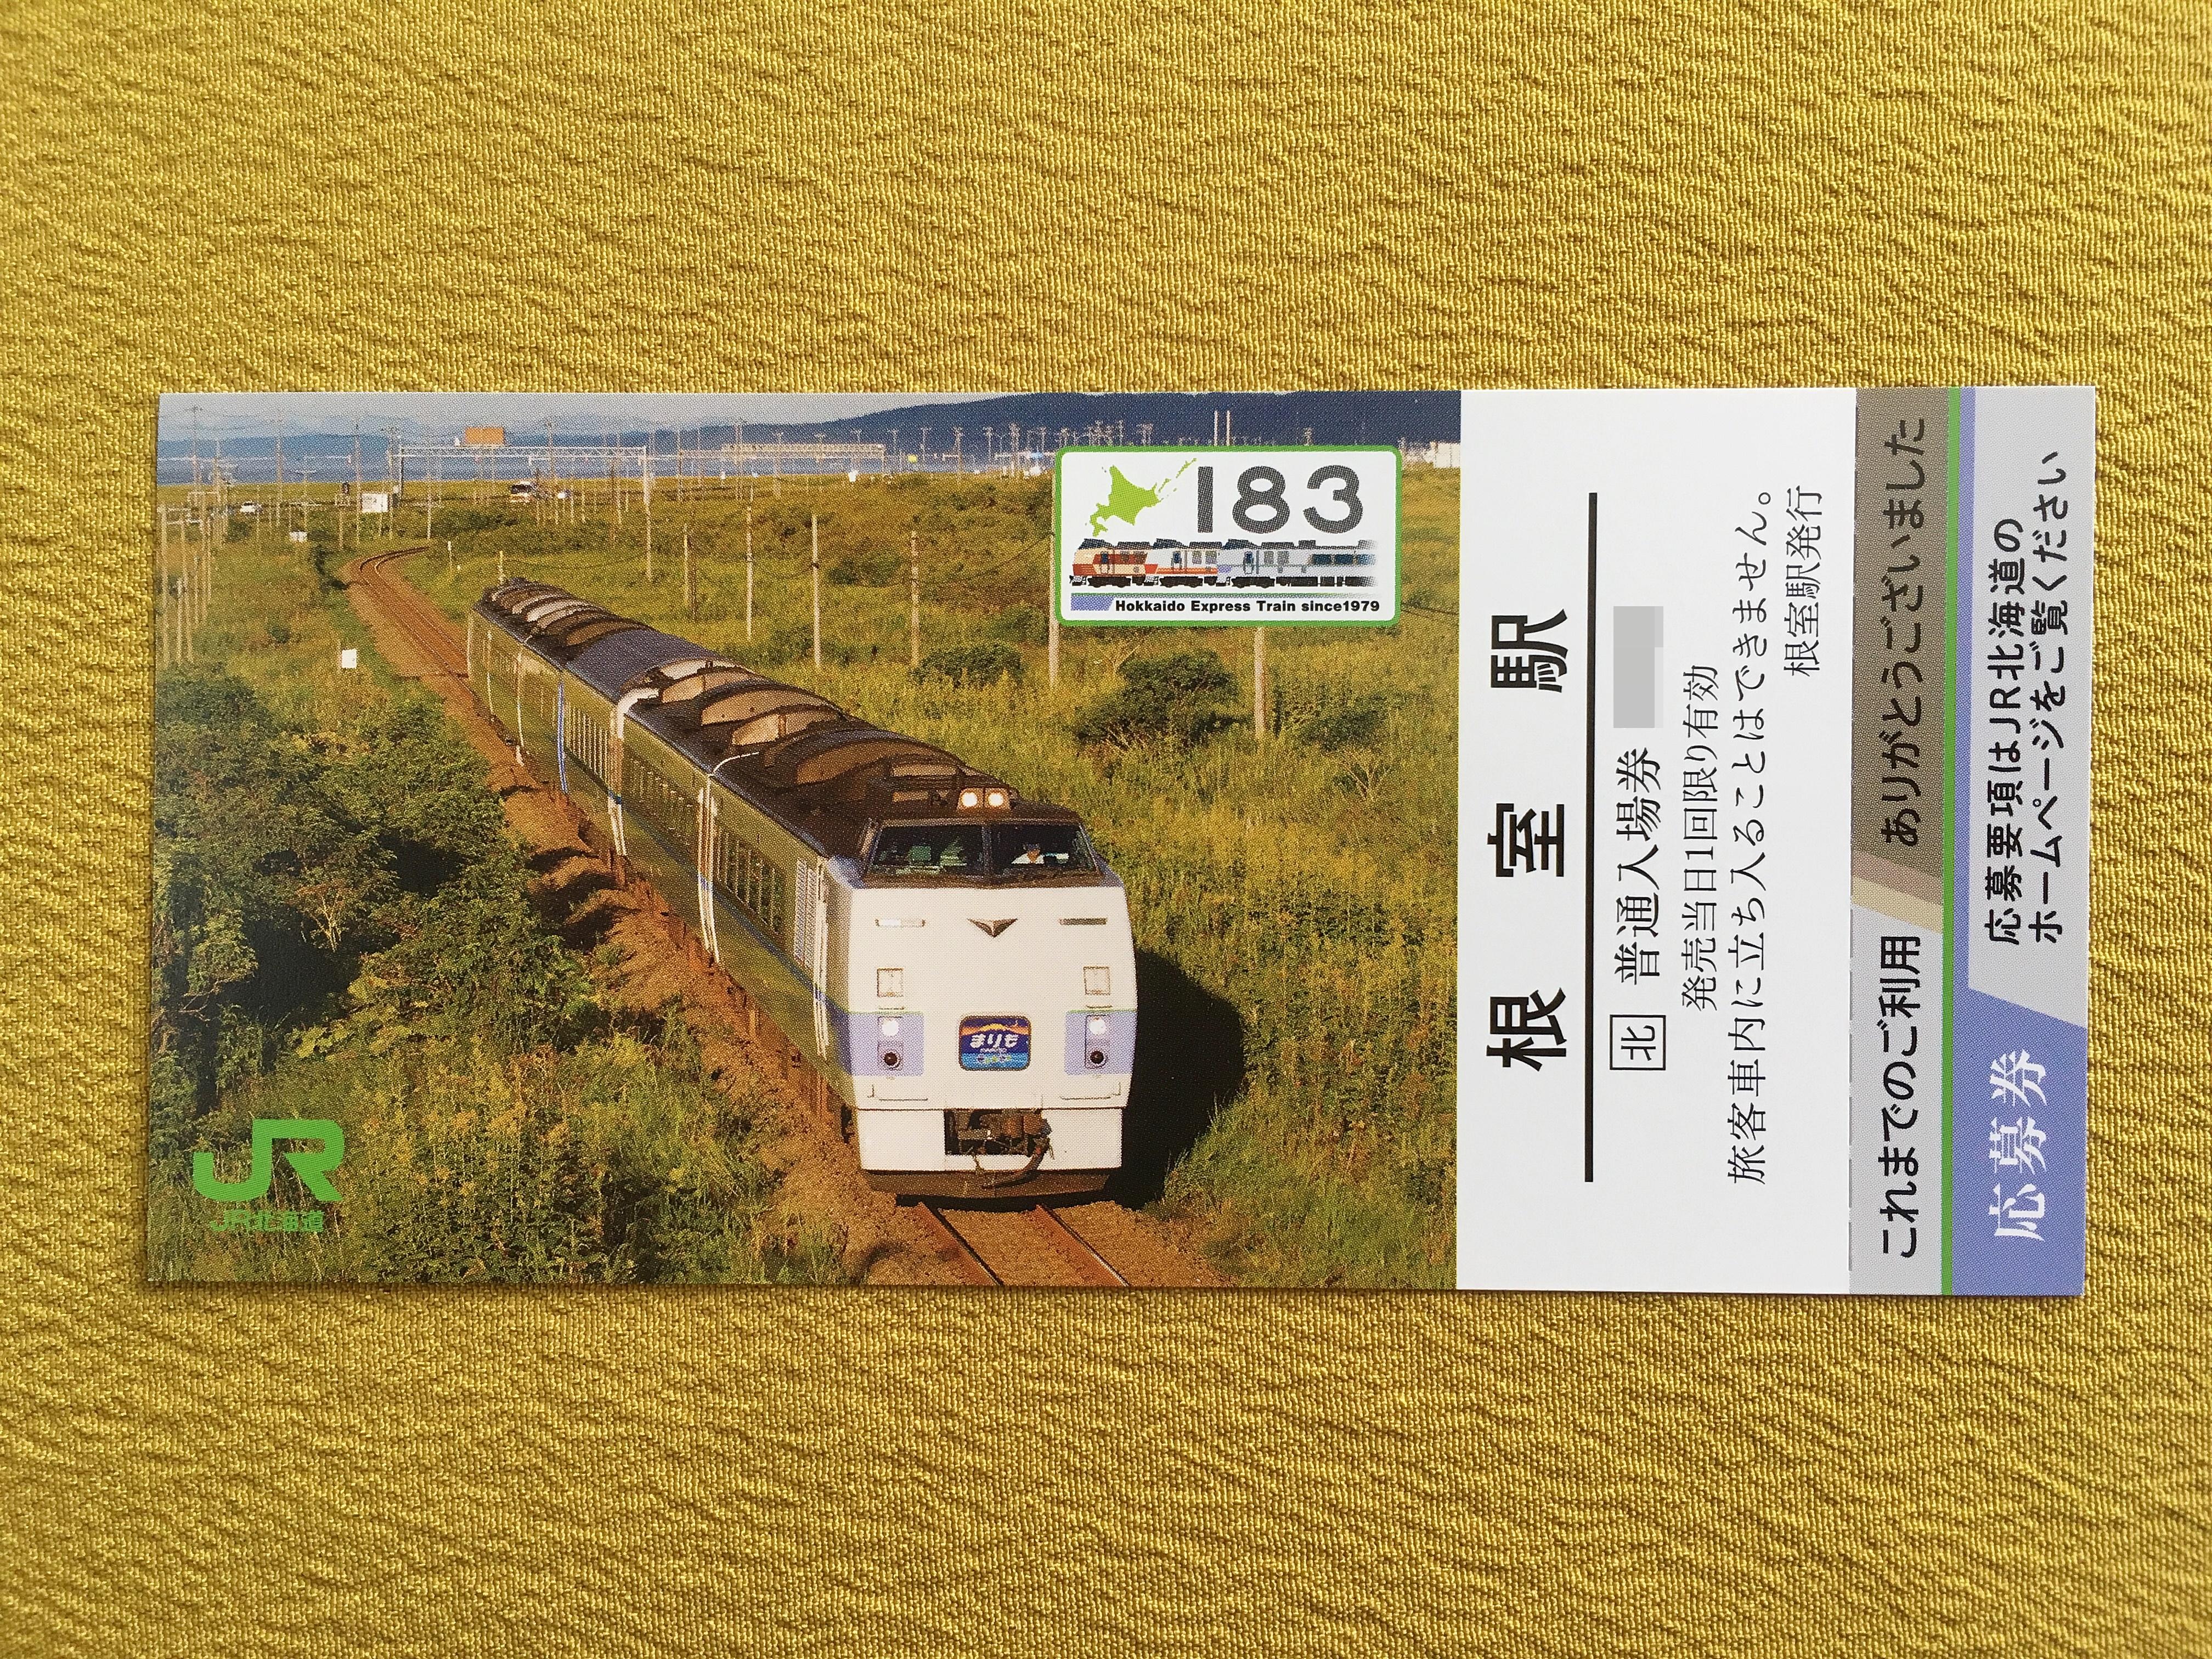 キハ183-0系記念入場券 根室駅表.JPG